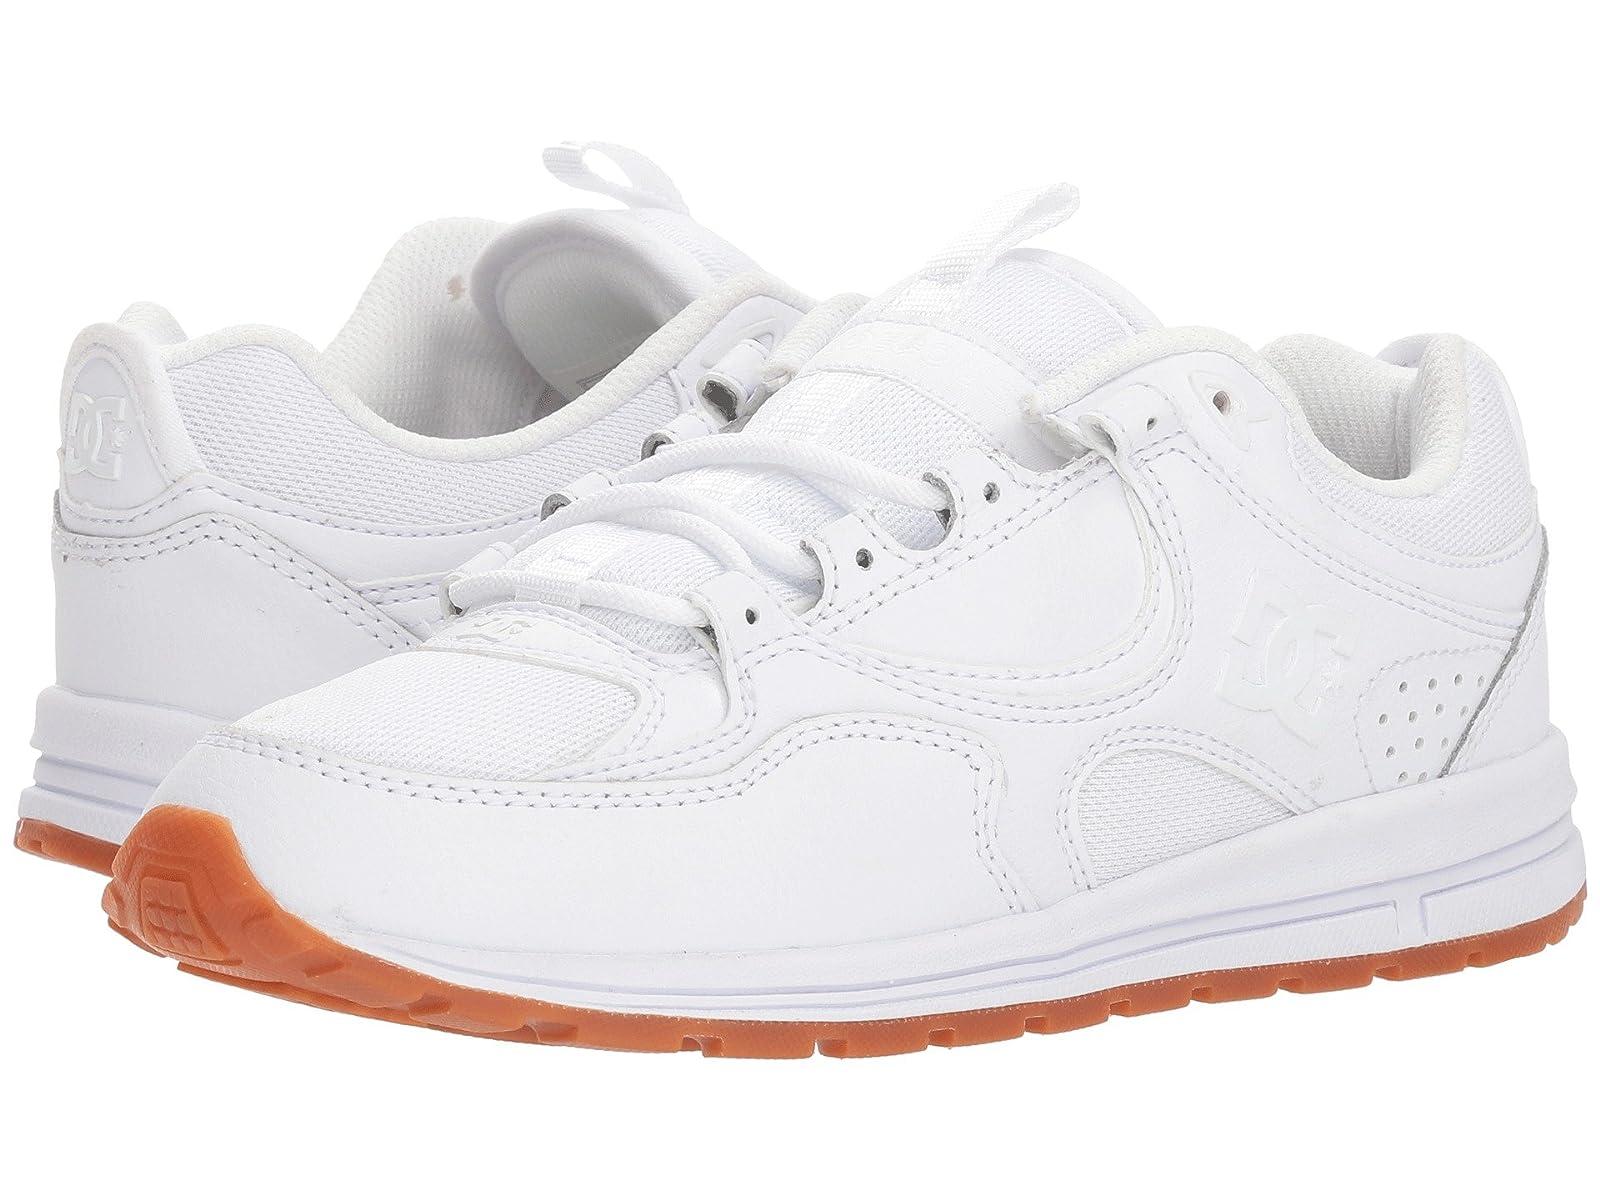 DC Kalis LiteAtmospheric grades have affordable shoes